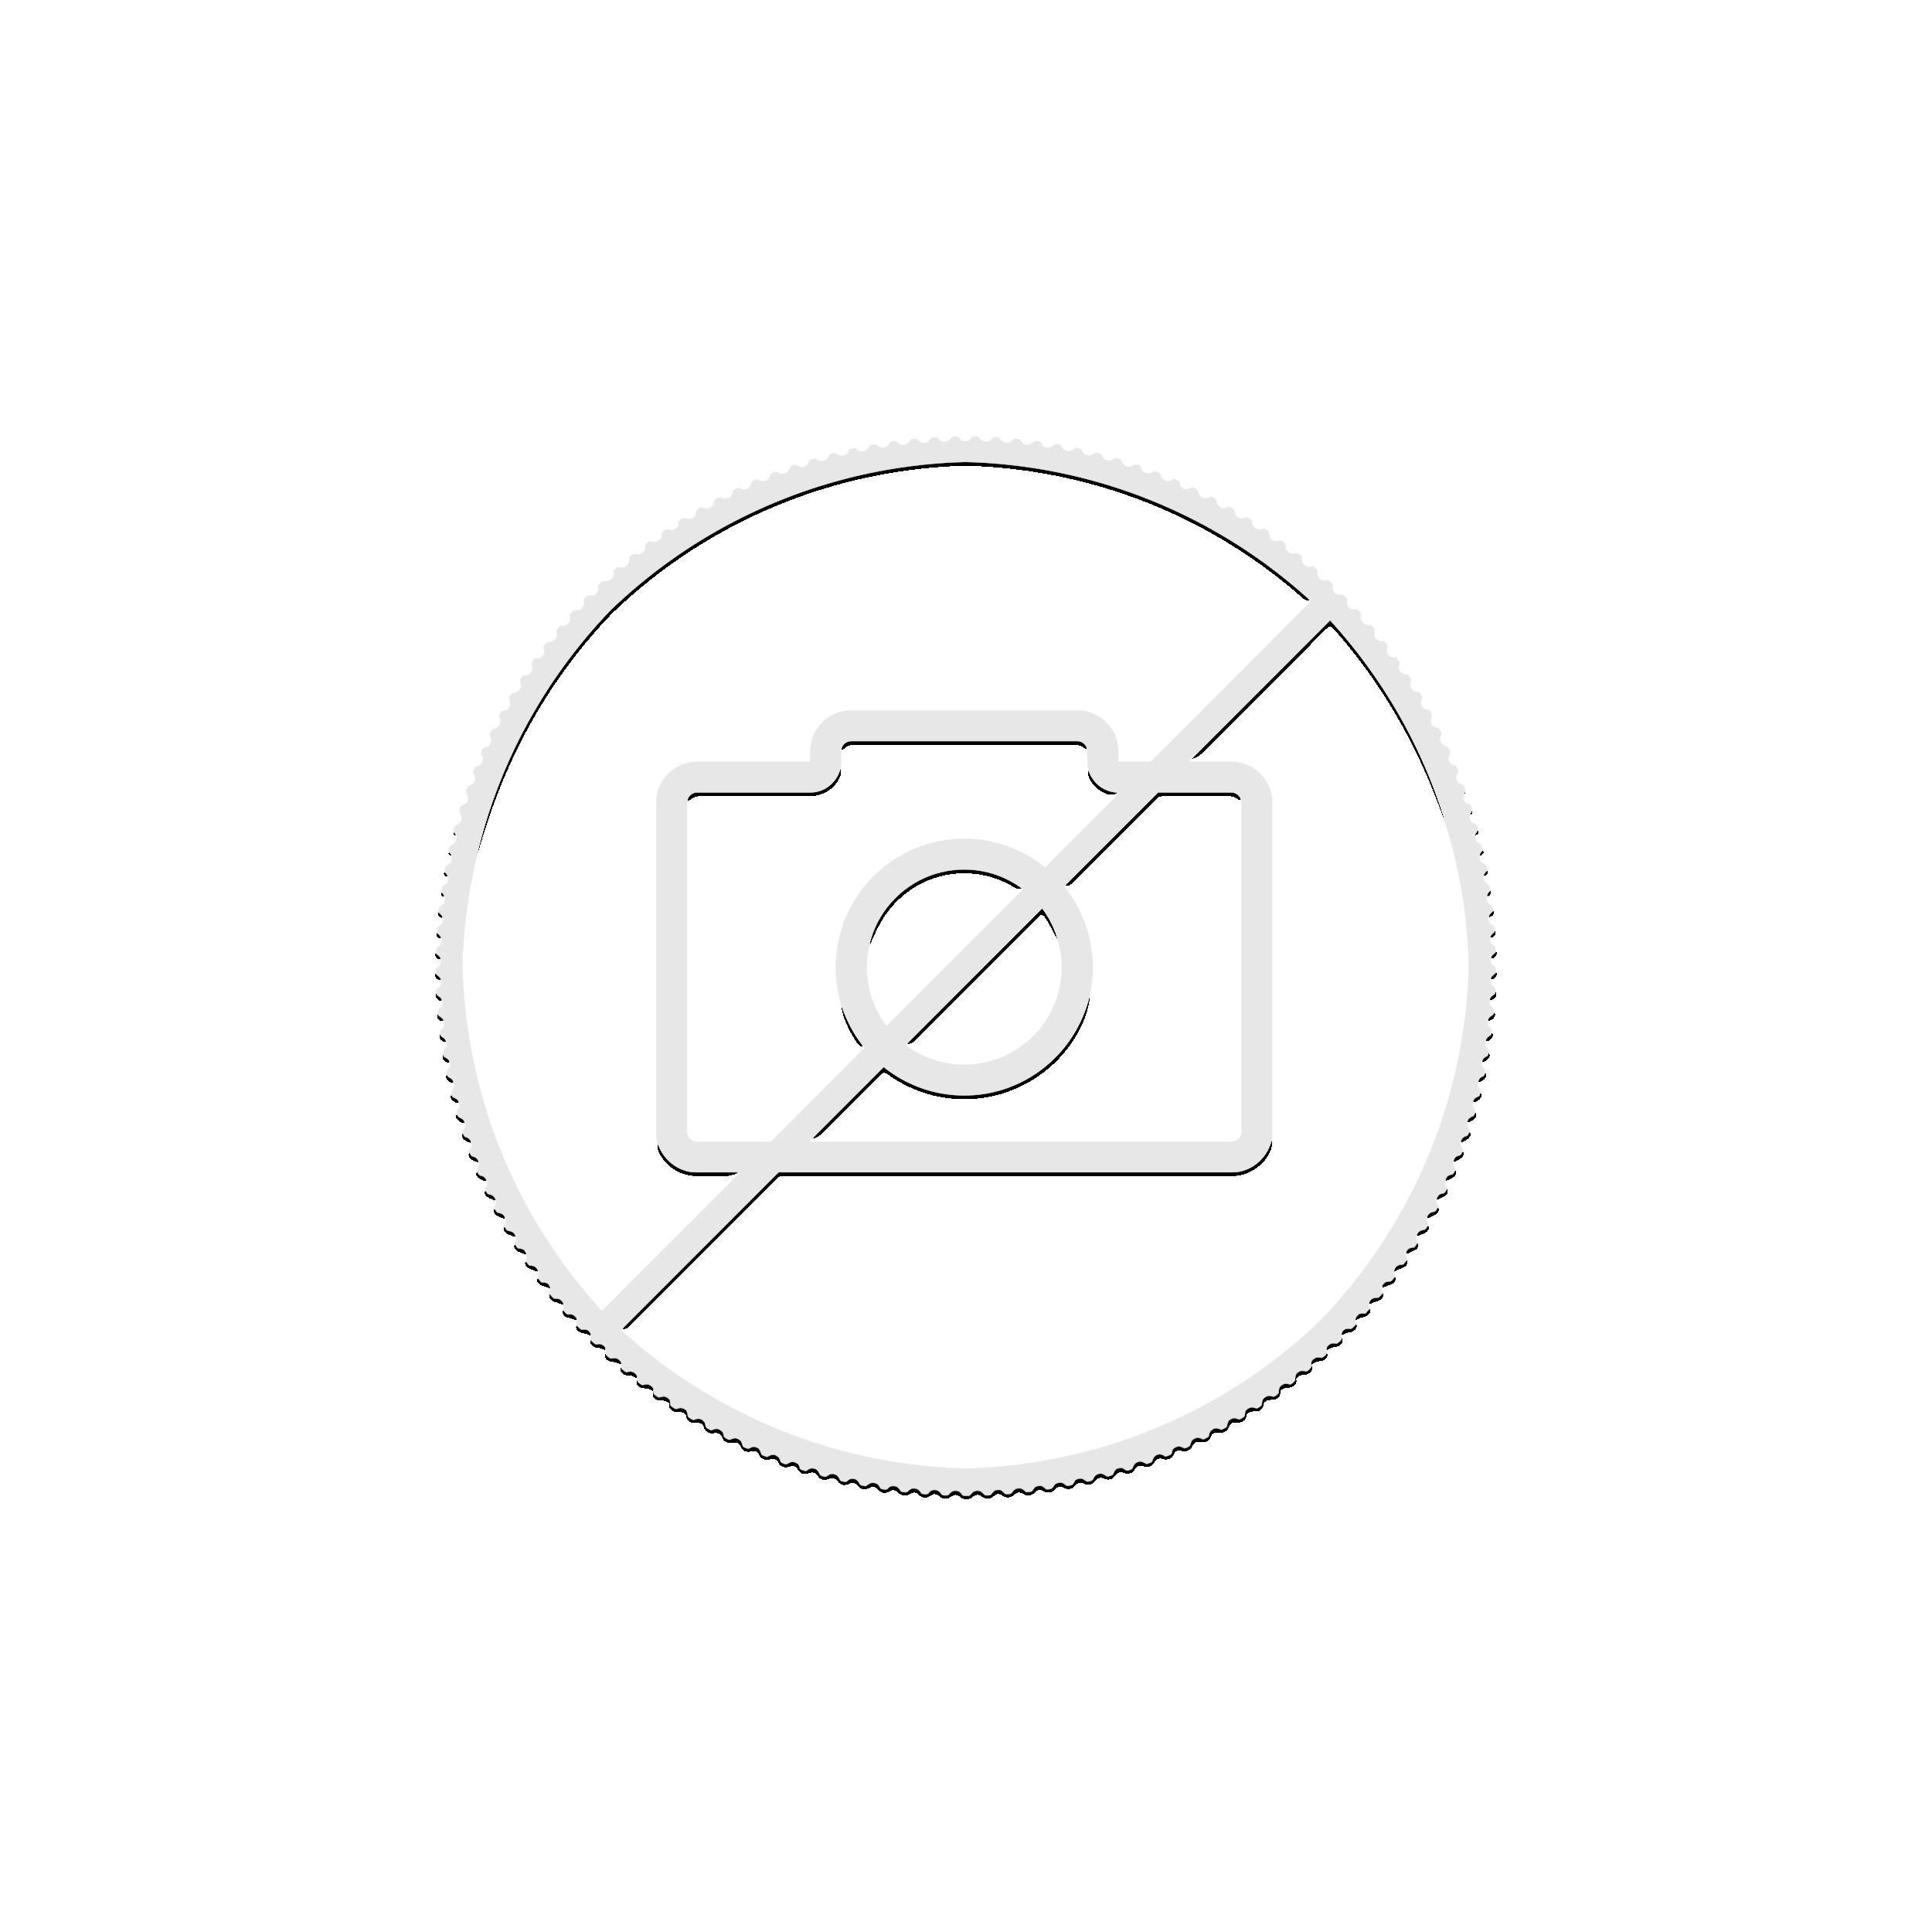 2 Troy ounce zilveren munt Germania Allegories 2019 zijkant